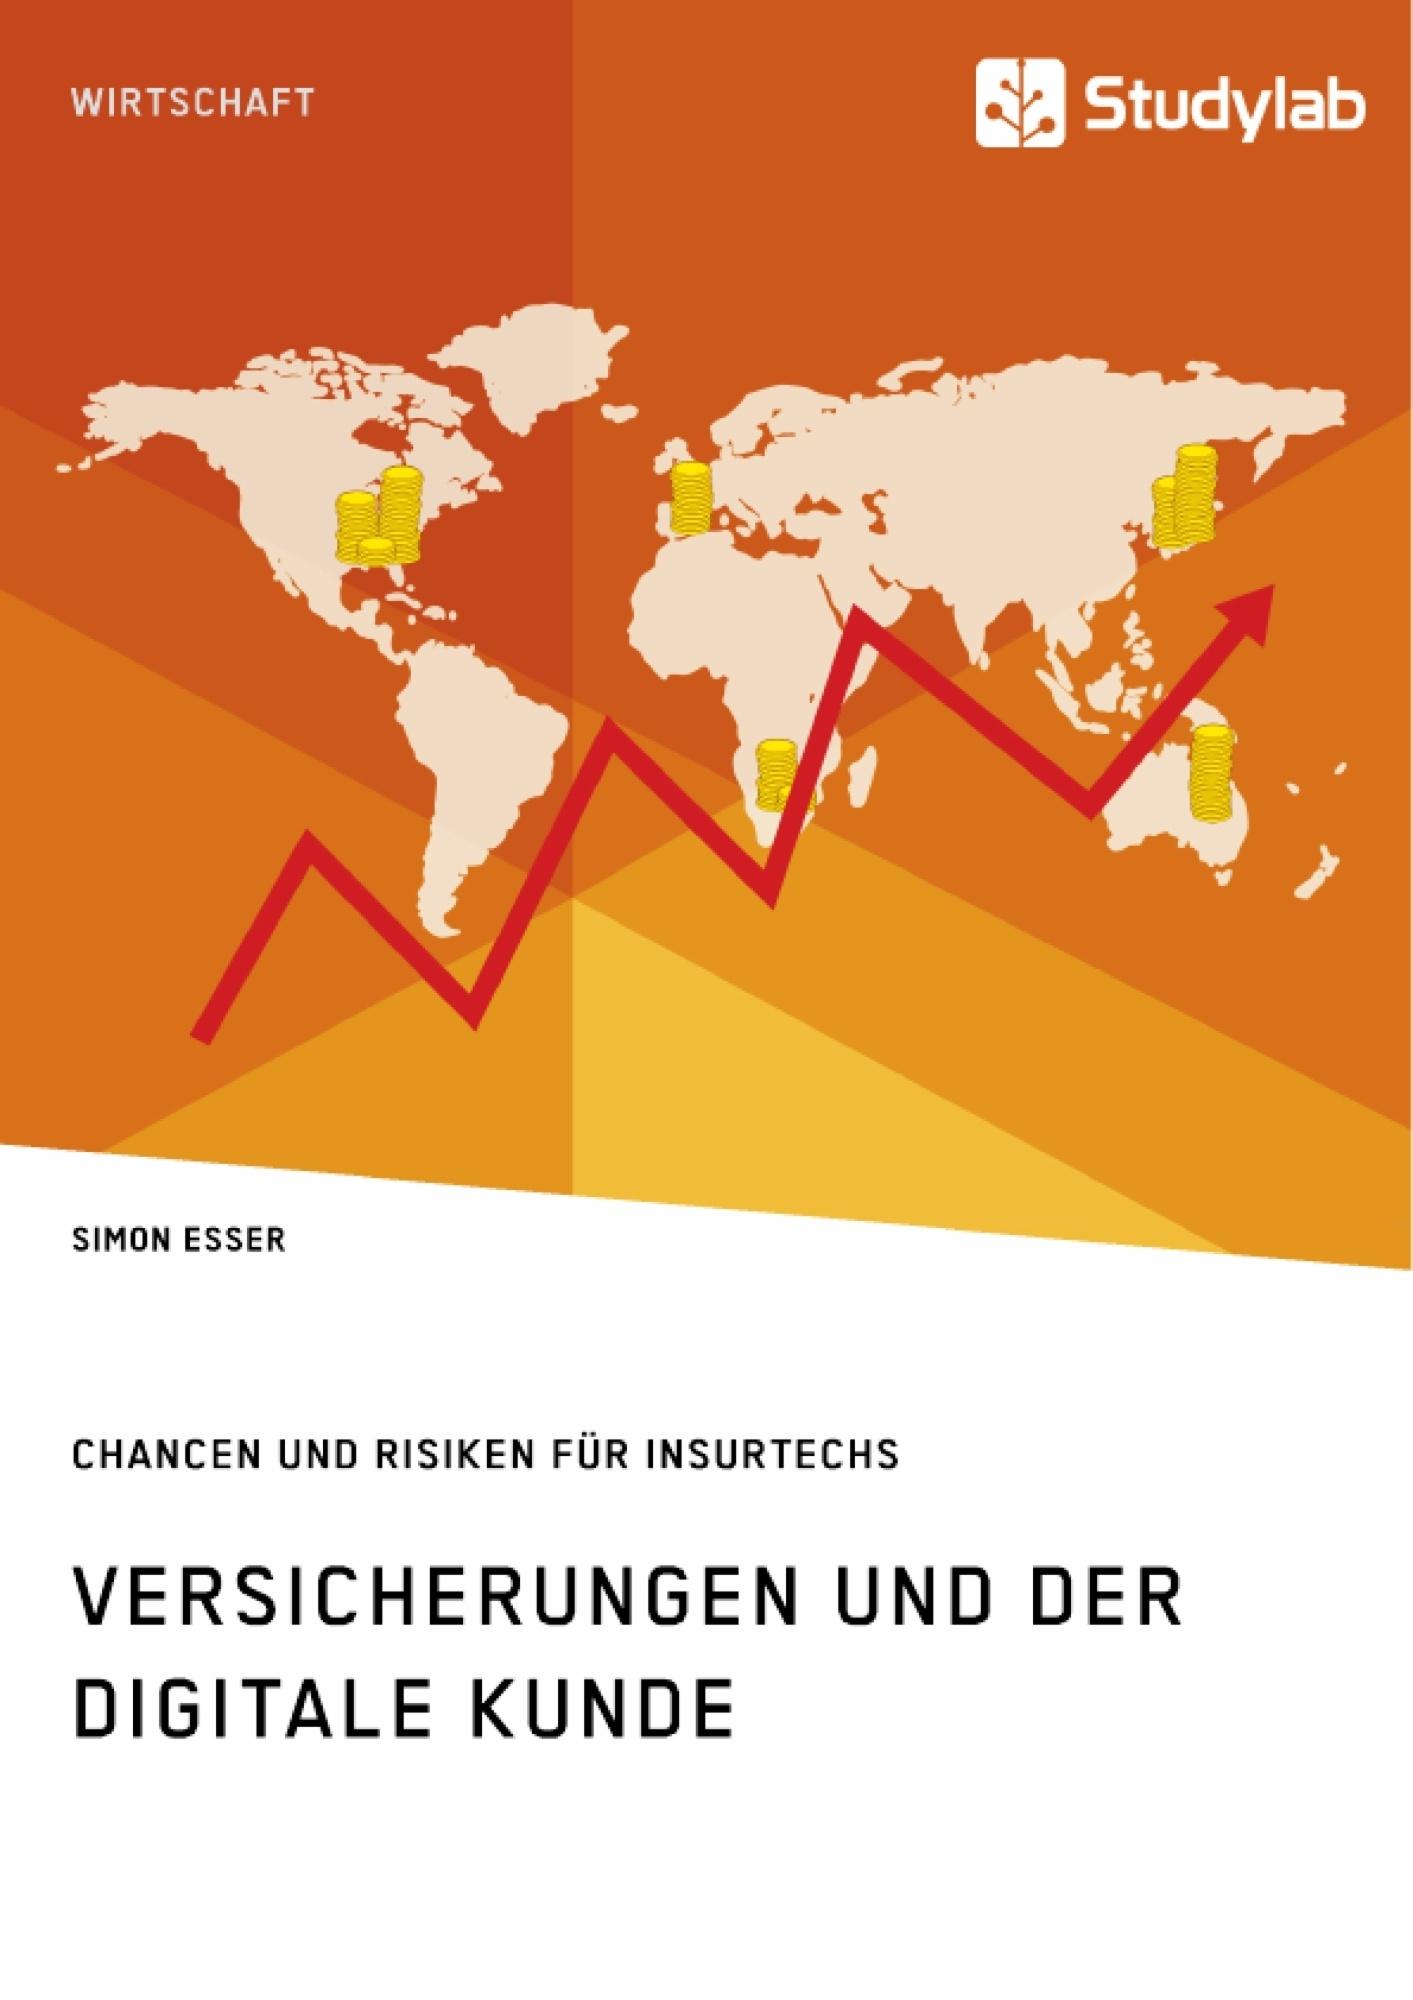 Titel: Versicherungen und der digitale Kunde. Chancen und Risiken für InsurTechs